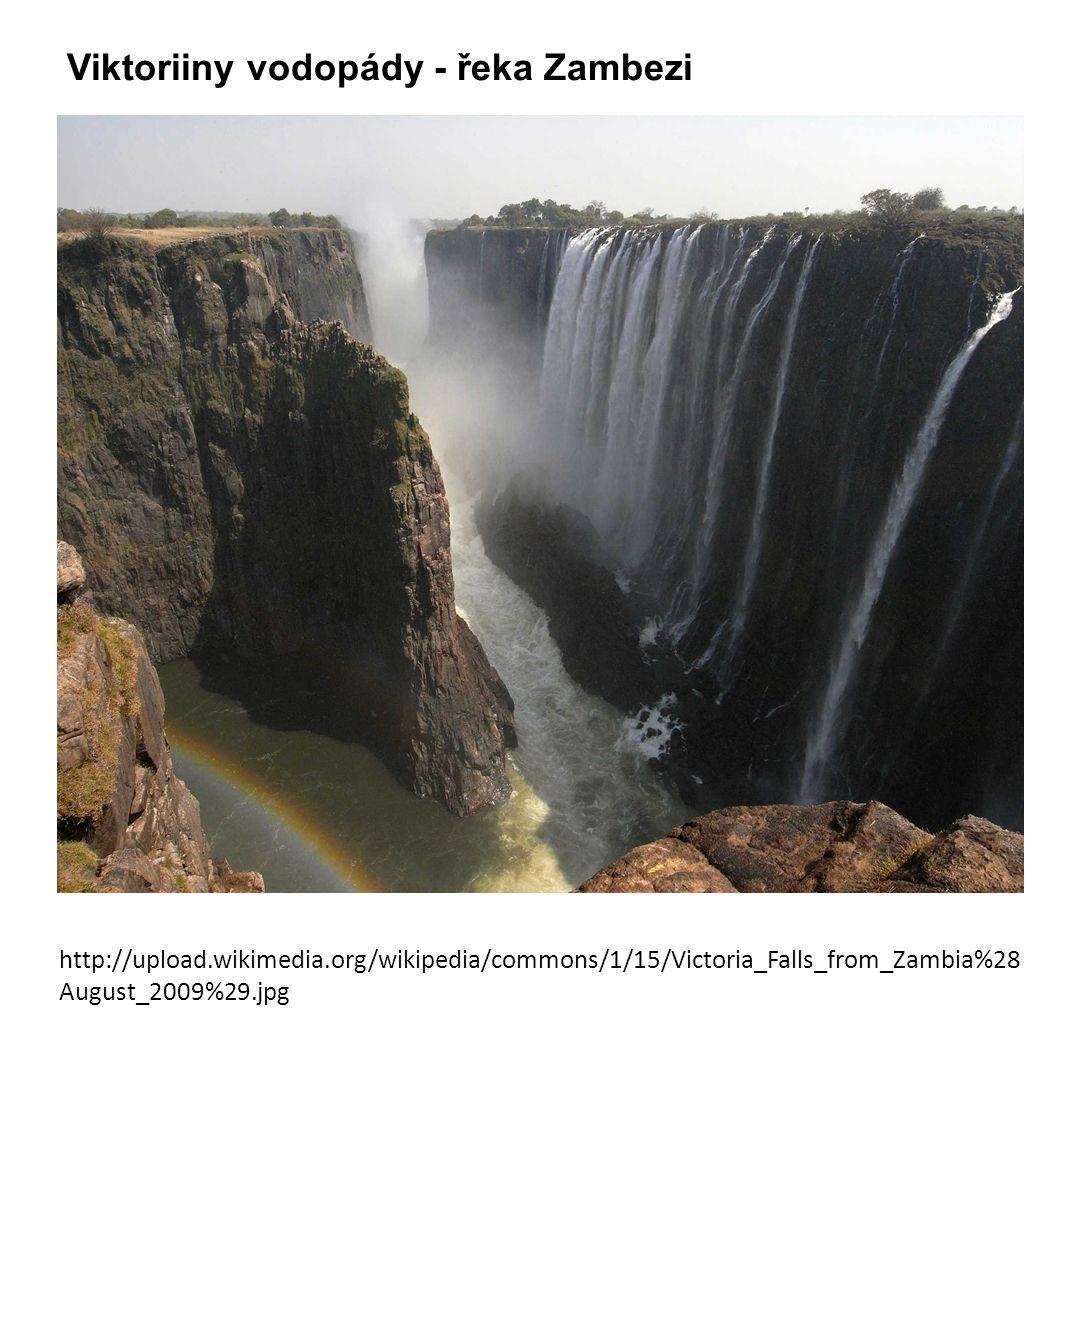 Viktoriiny vodopády - řeka Zambezi